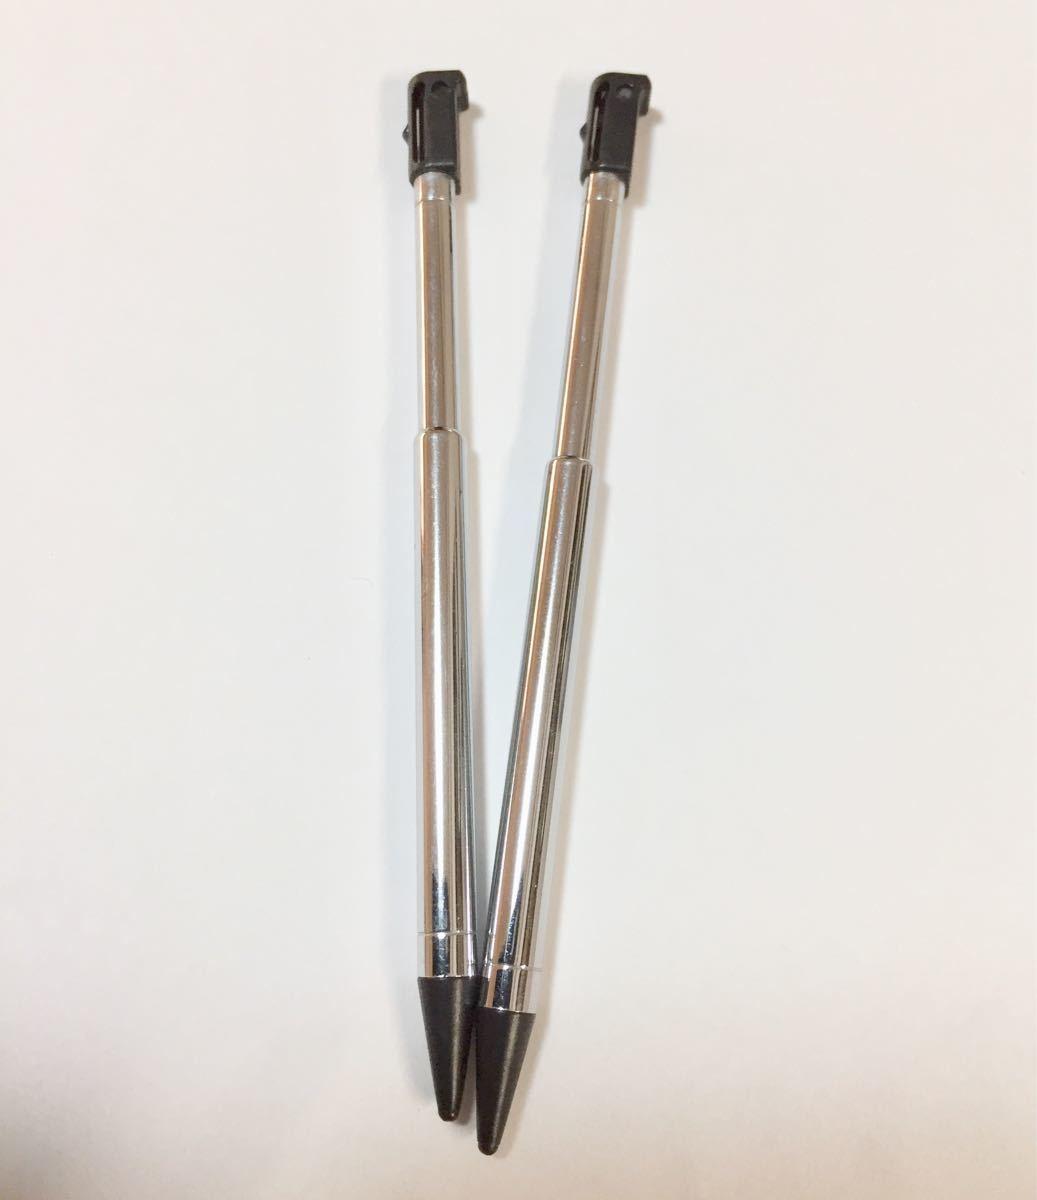 《新品・即購入可・匿名配送》 ニンテンドー 3DS 専用 タッチペン 2本